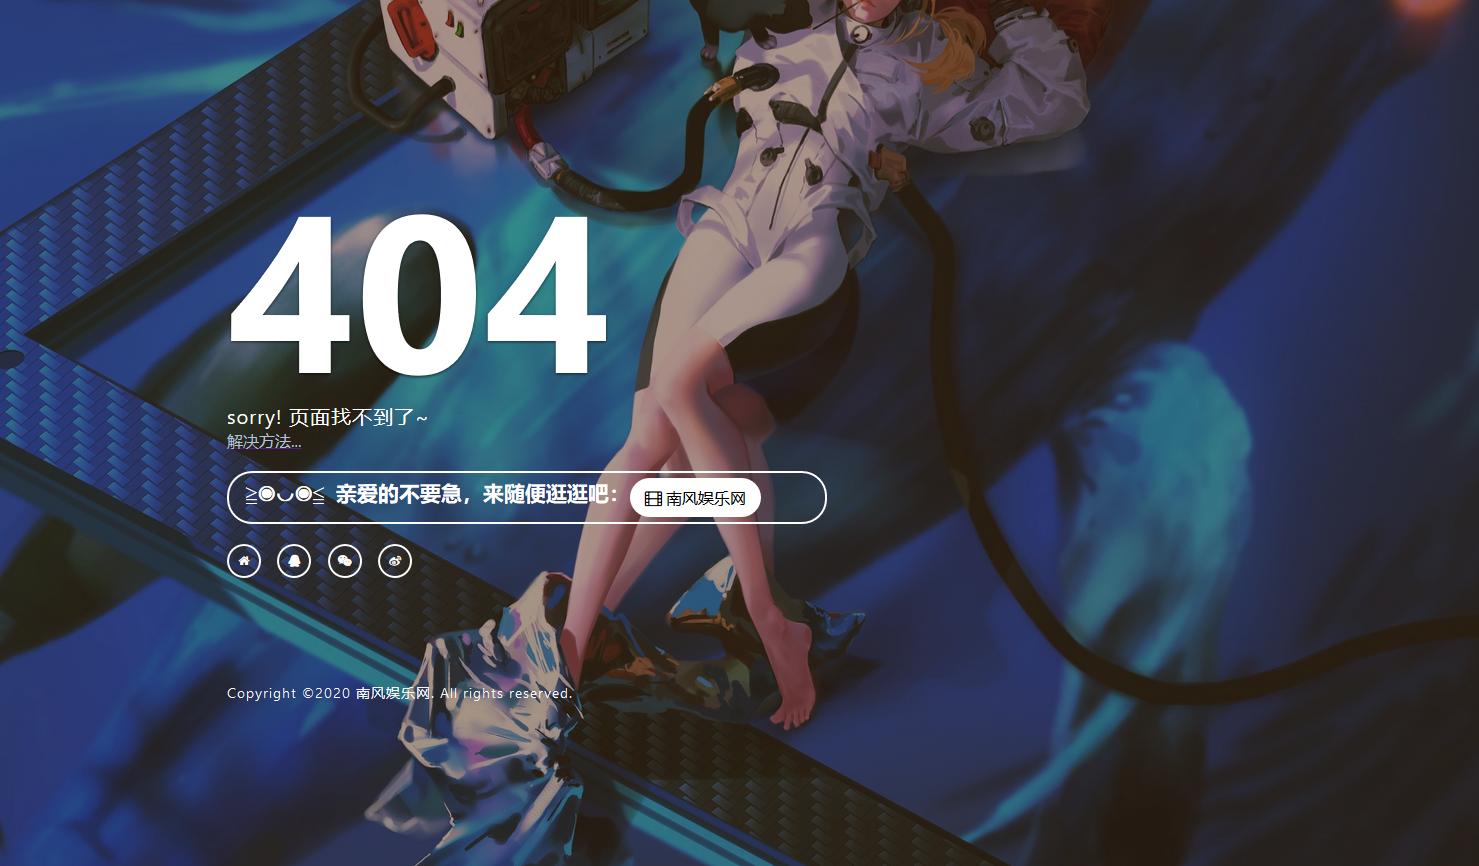 好看的二次元創造性404頁面源碼